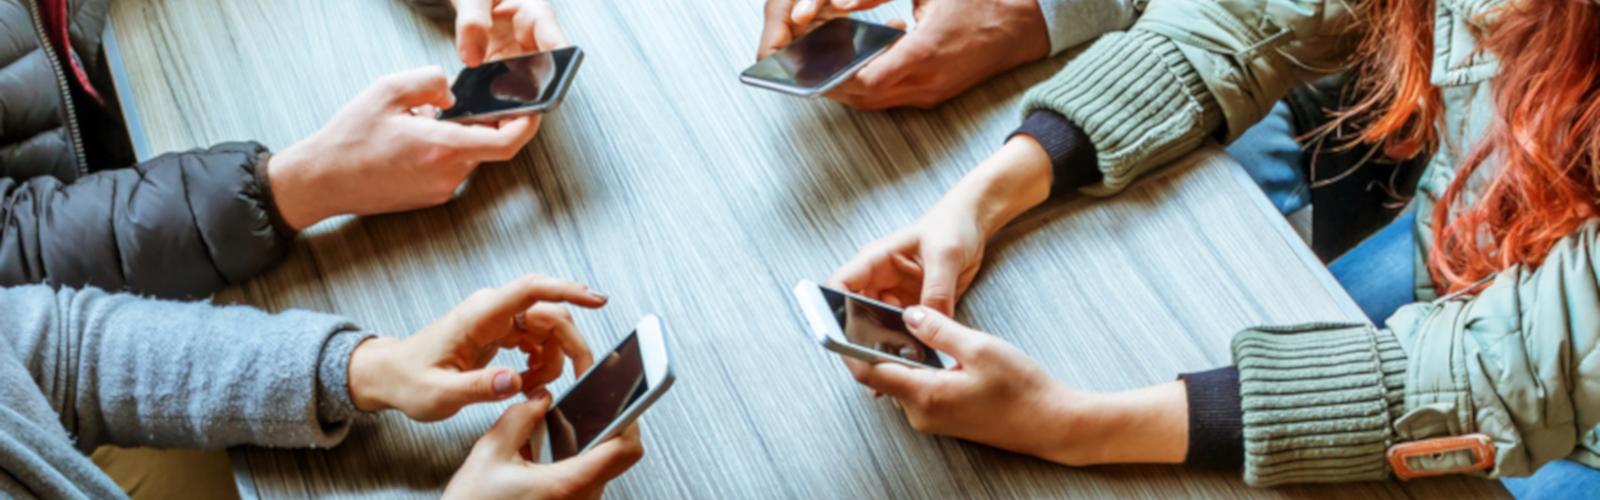 groupes d'amis utilisant leur smartphone